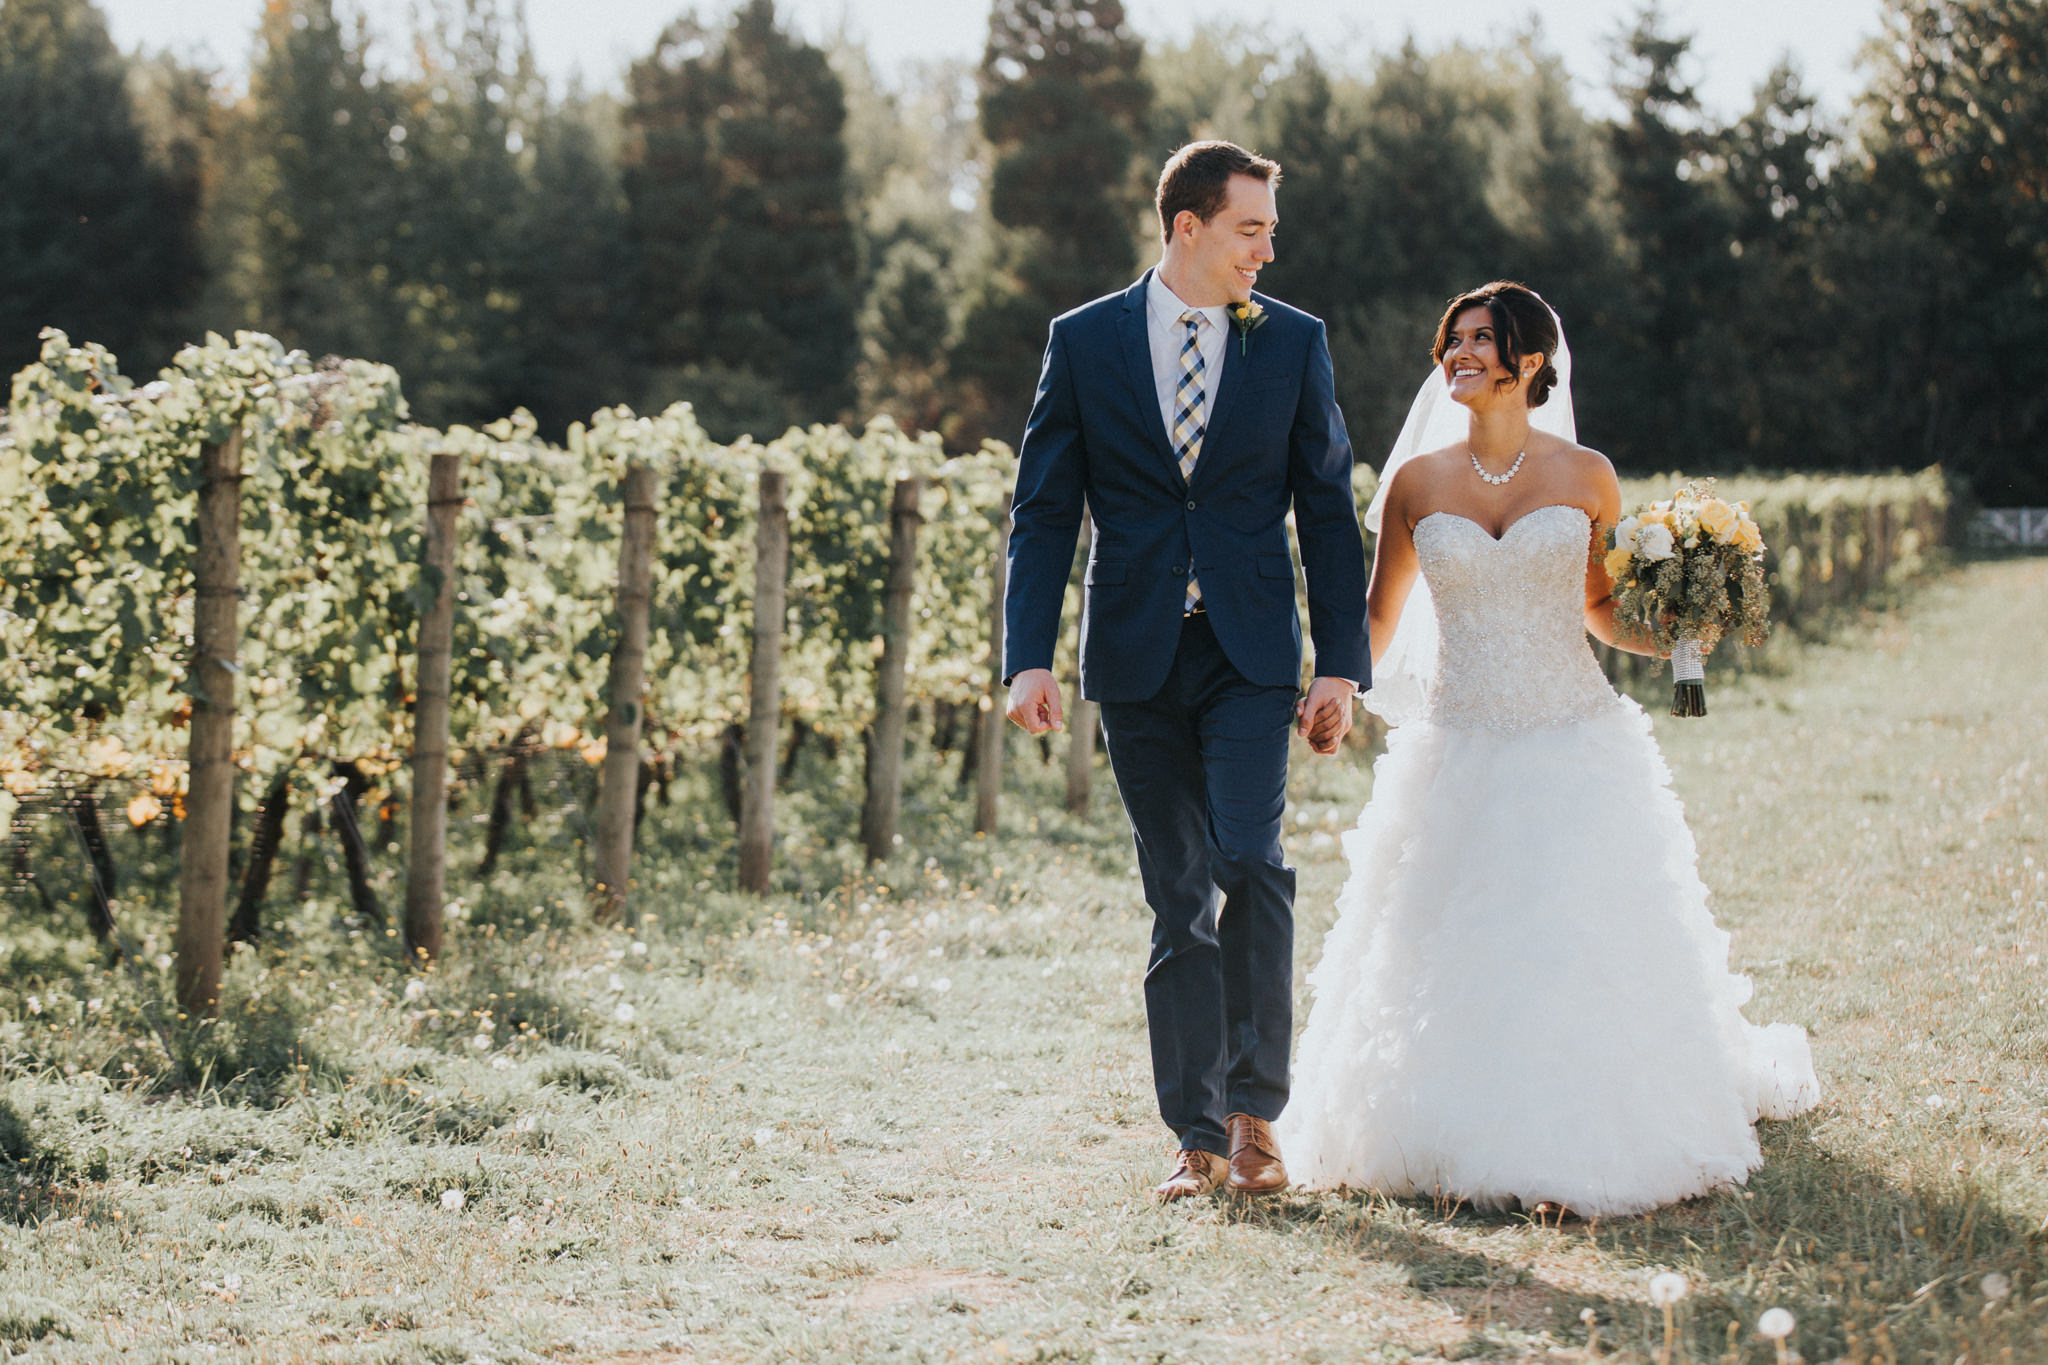 McMenamins Edgefield Wedding Photography | Kai Hayashi Photography